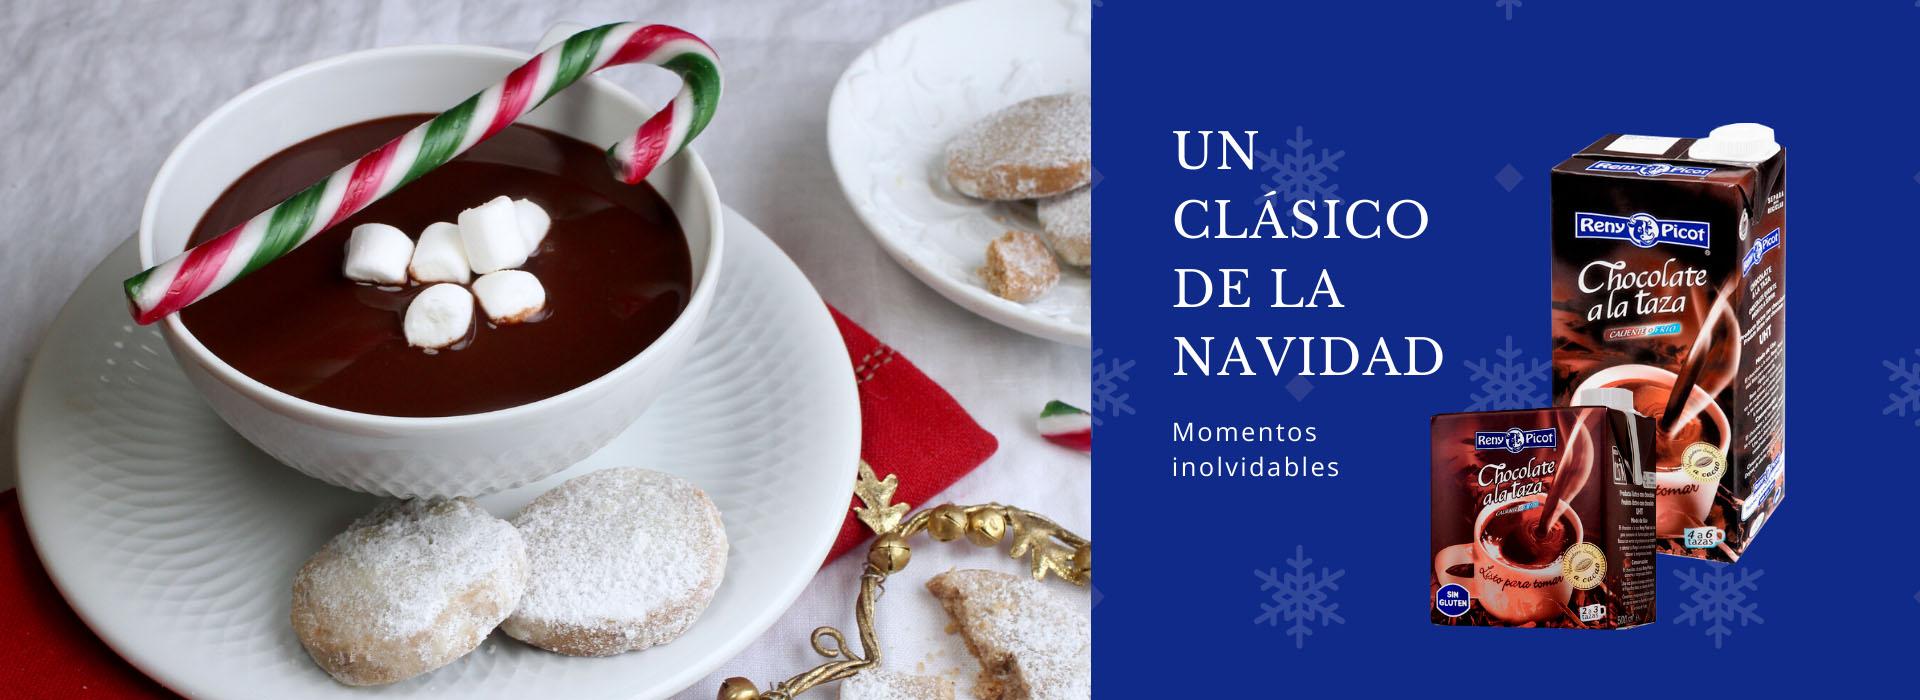 chocolate-a-la-taza-en-Navidad